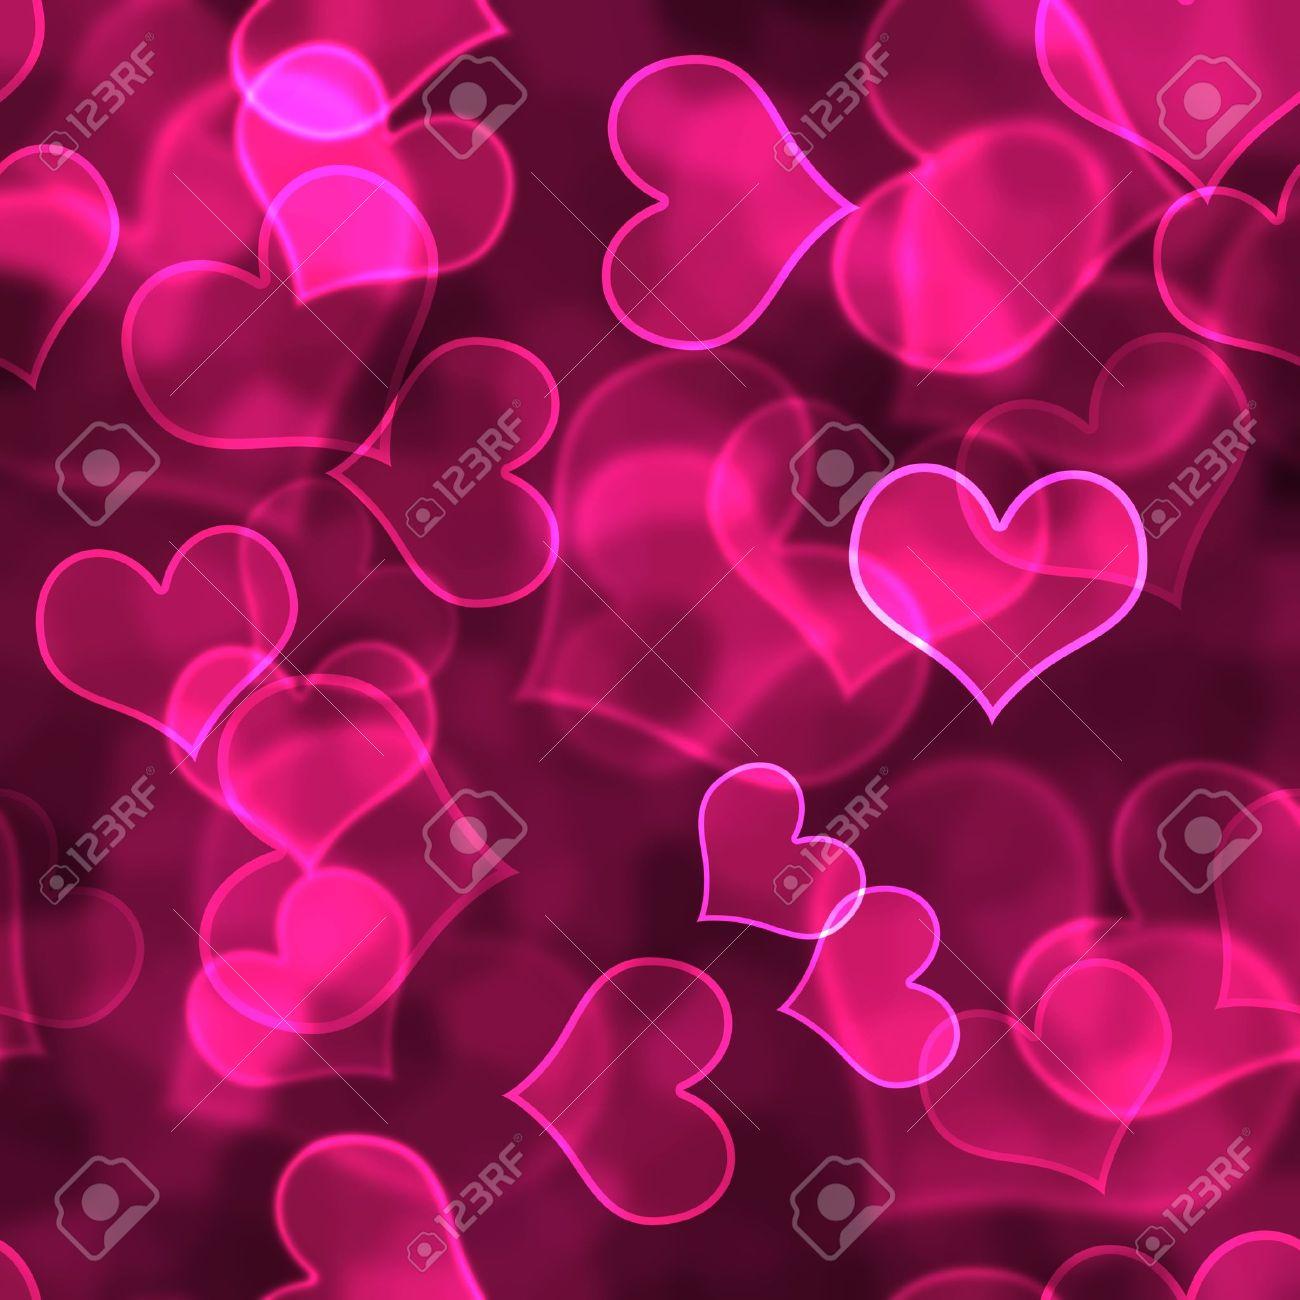 Hot Pink Heart Background Wallpaper